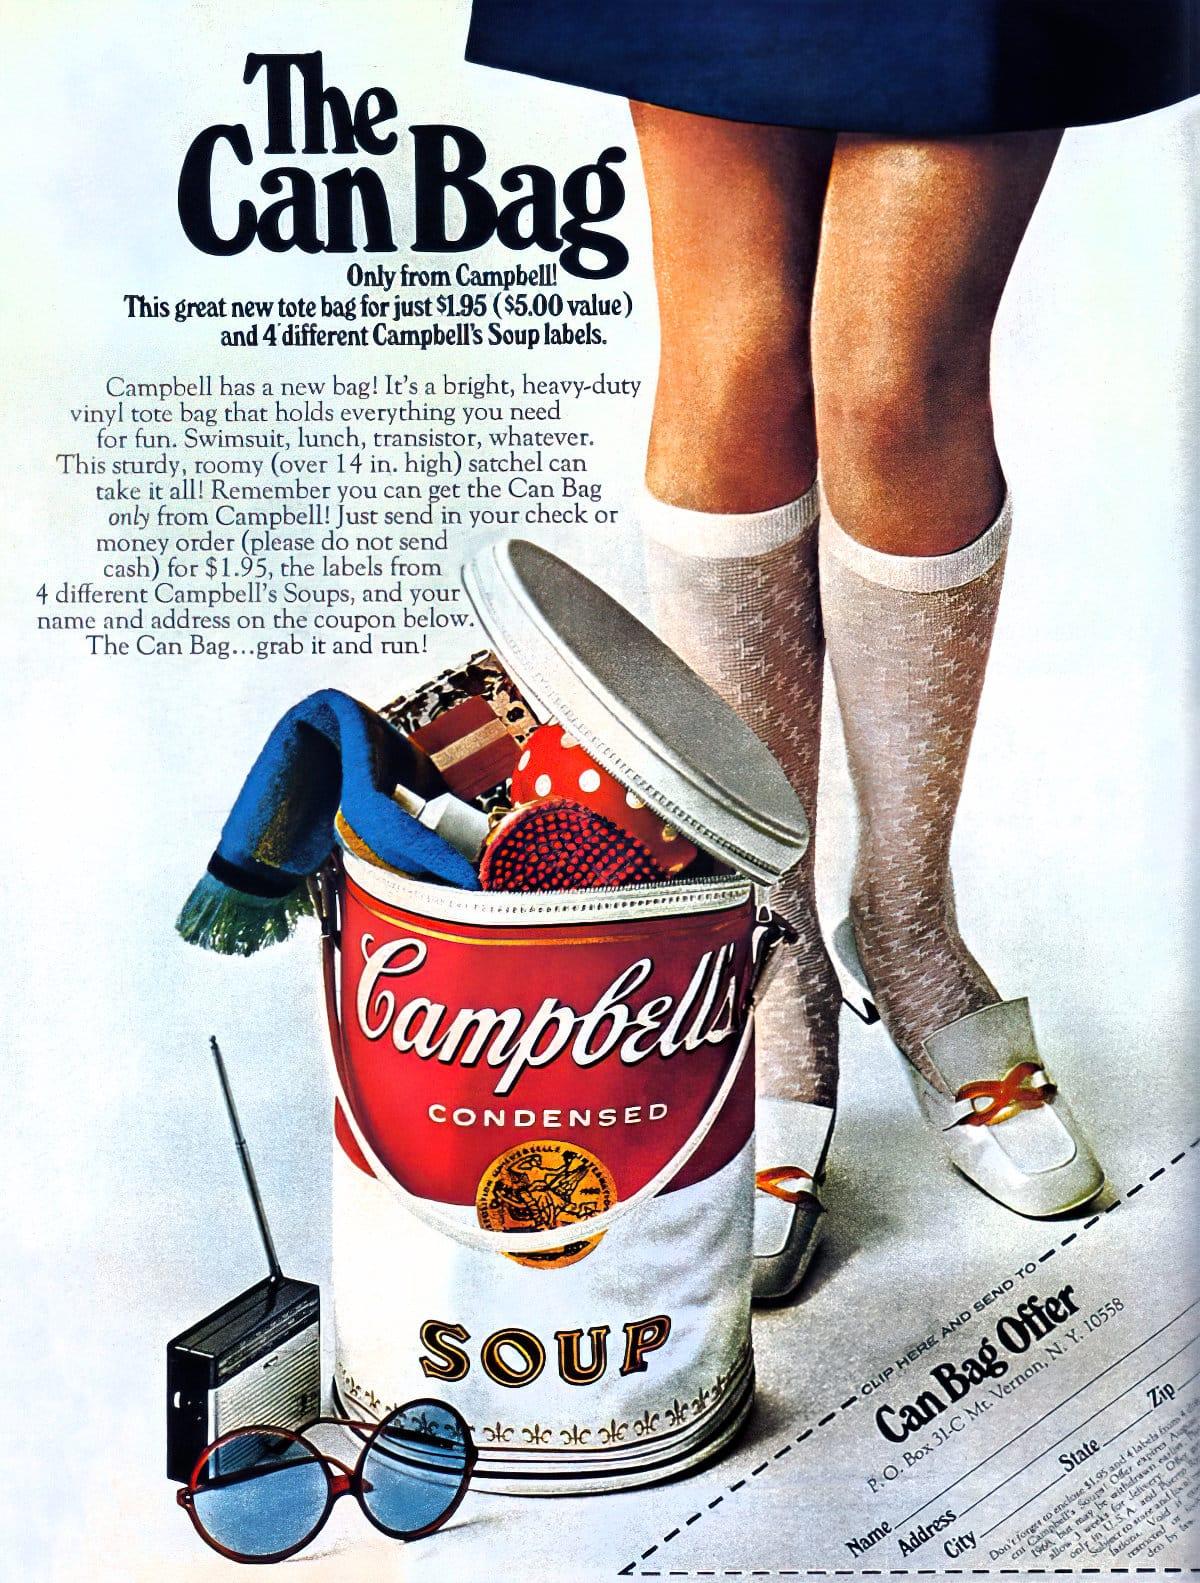 Vintage Campbell's Soup bag offer (1968)